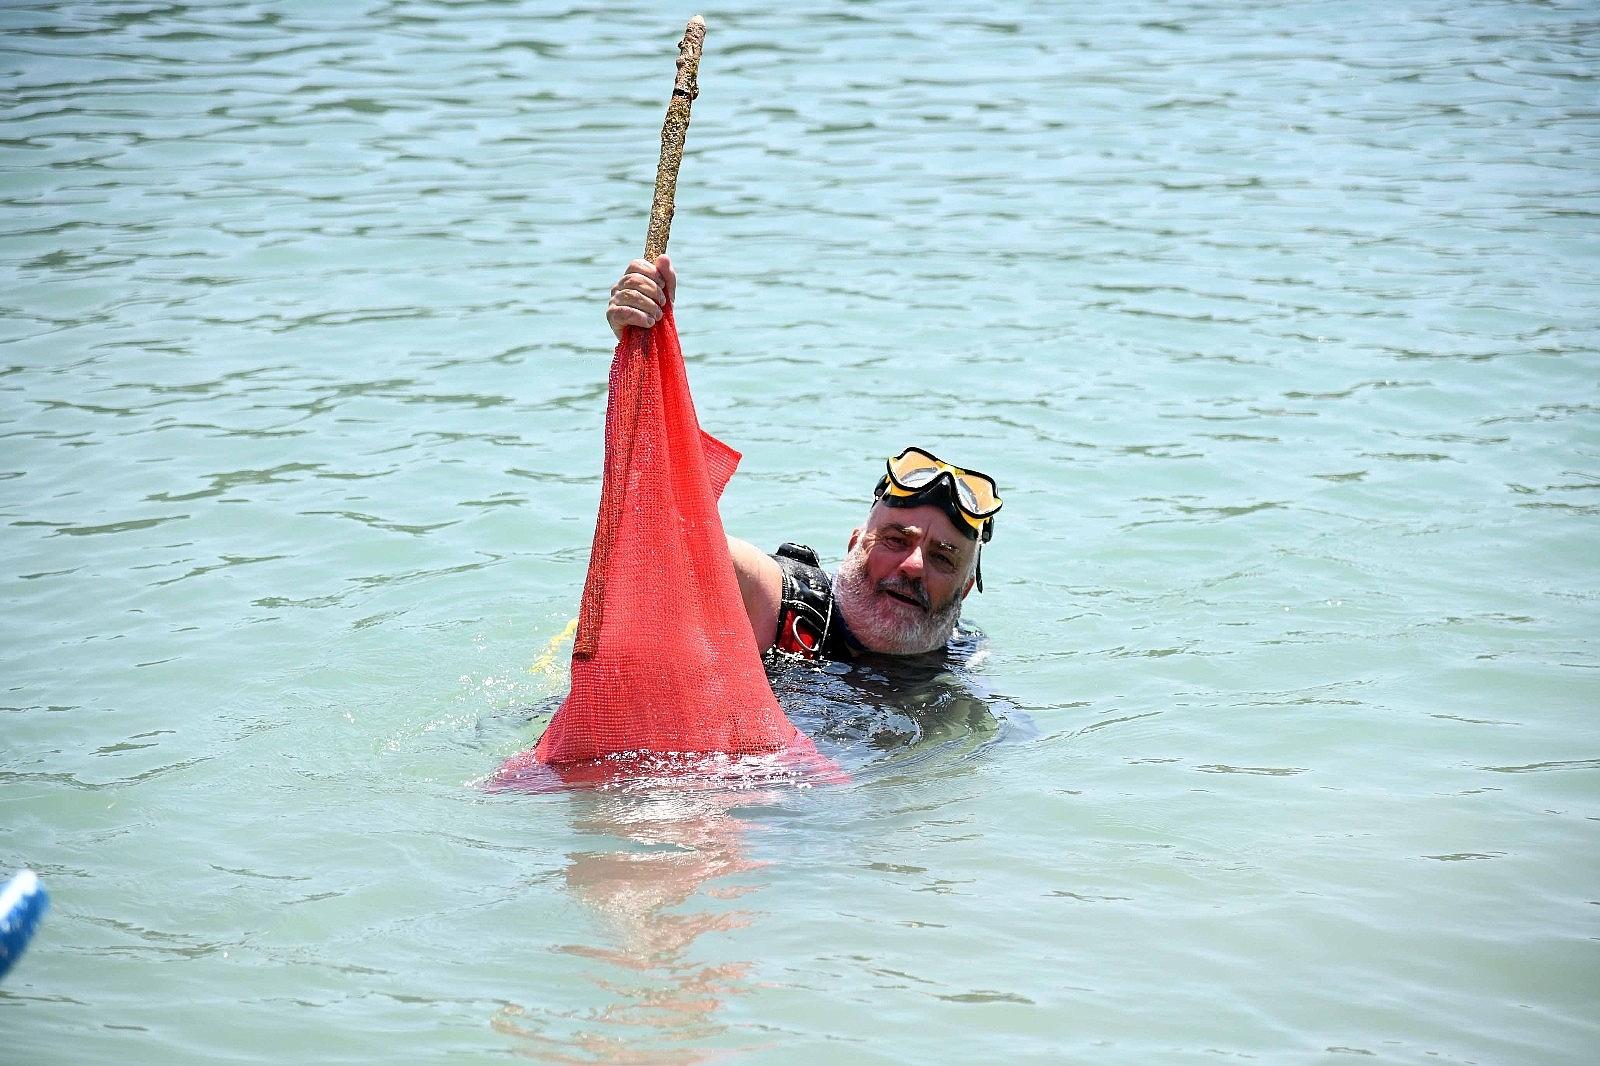 2021/06/fethiye-oludeniz-lagununde-deniz-temizligi-20210610AW34-7.jpg